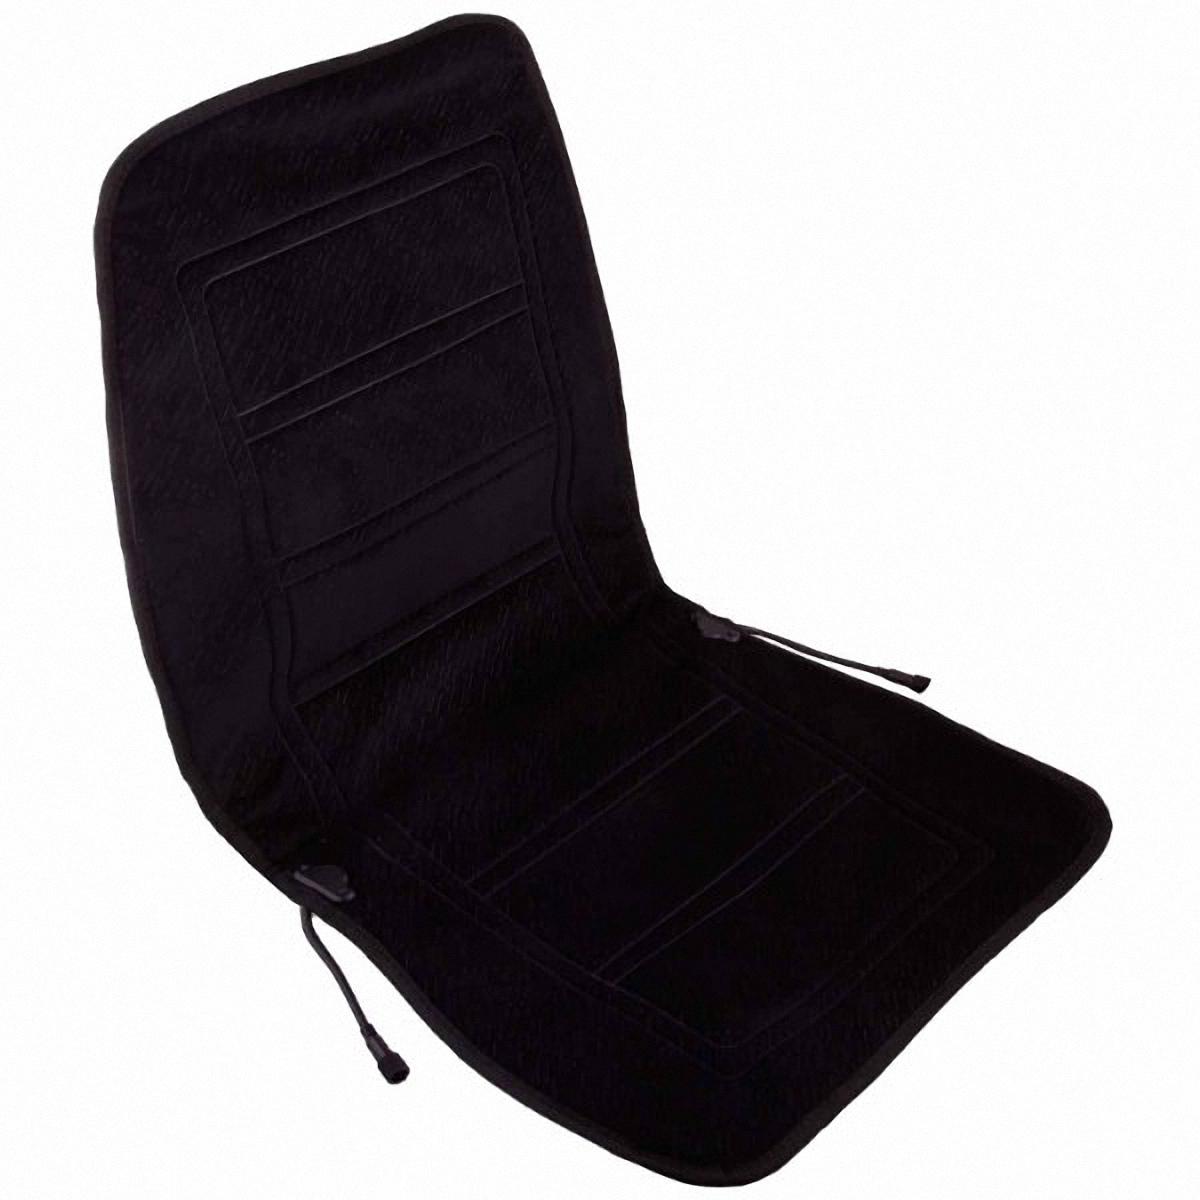 Подогрев для сиденья Skyway, со спинкой, цвет: черный, 95 х 47 смS02201018В подогреве для сиденья Skyway в качестве теплоносителя применяется углеродный материал. Такой нагреватель обладает феноменальной гибкостью и прочностью на разрыв в отличие от аналогов, изготовленных из медного или иного металлического провода.Особенности:- Универсальный размер.- Снижает усталость при управлении автомобилем.- Обеспечивает комфортное вождение в холодное время года.- Простая и быстрая установка.- Умеренный и интенсивный режим нагрева.- Терморегулятор для изменения интенсивности нагрева.- Защита крепления шнура питания к подогреву.Устройство подключается к прикуривателю на 12V.